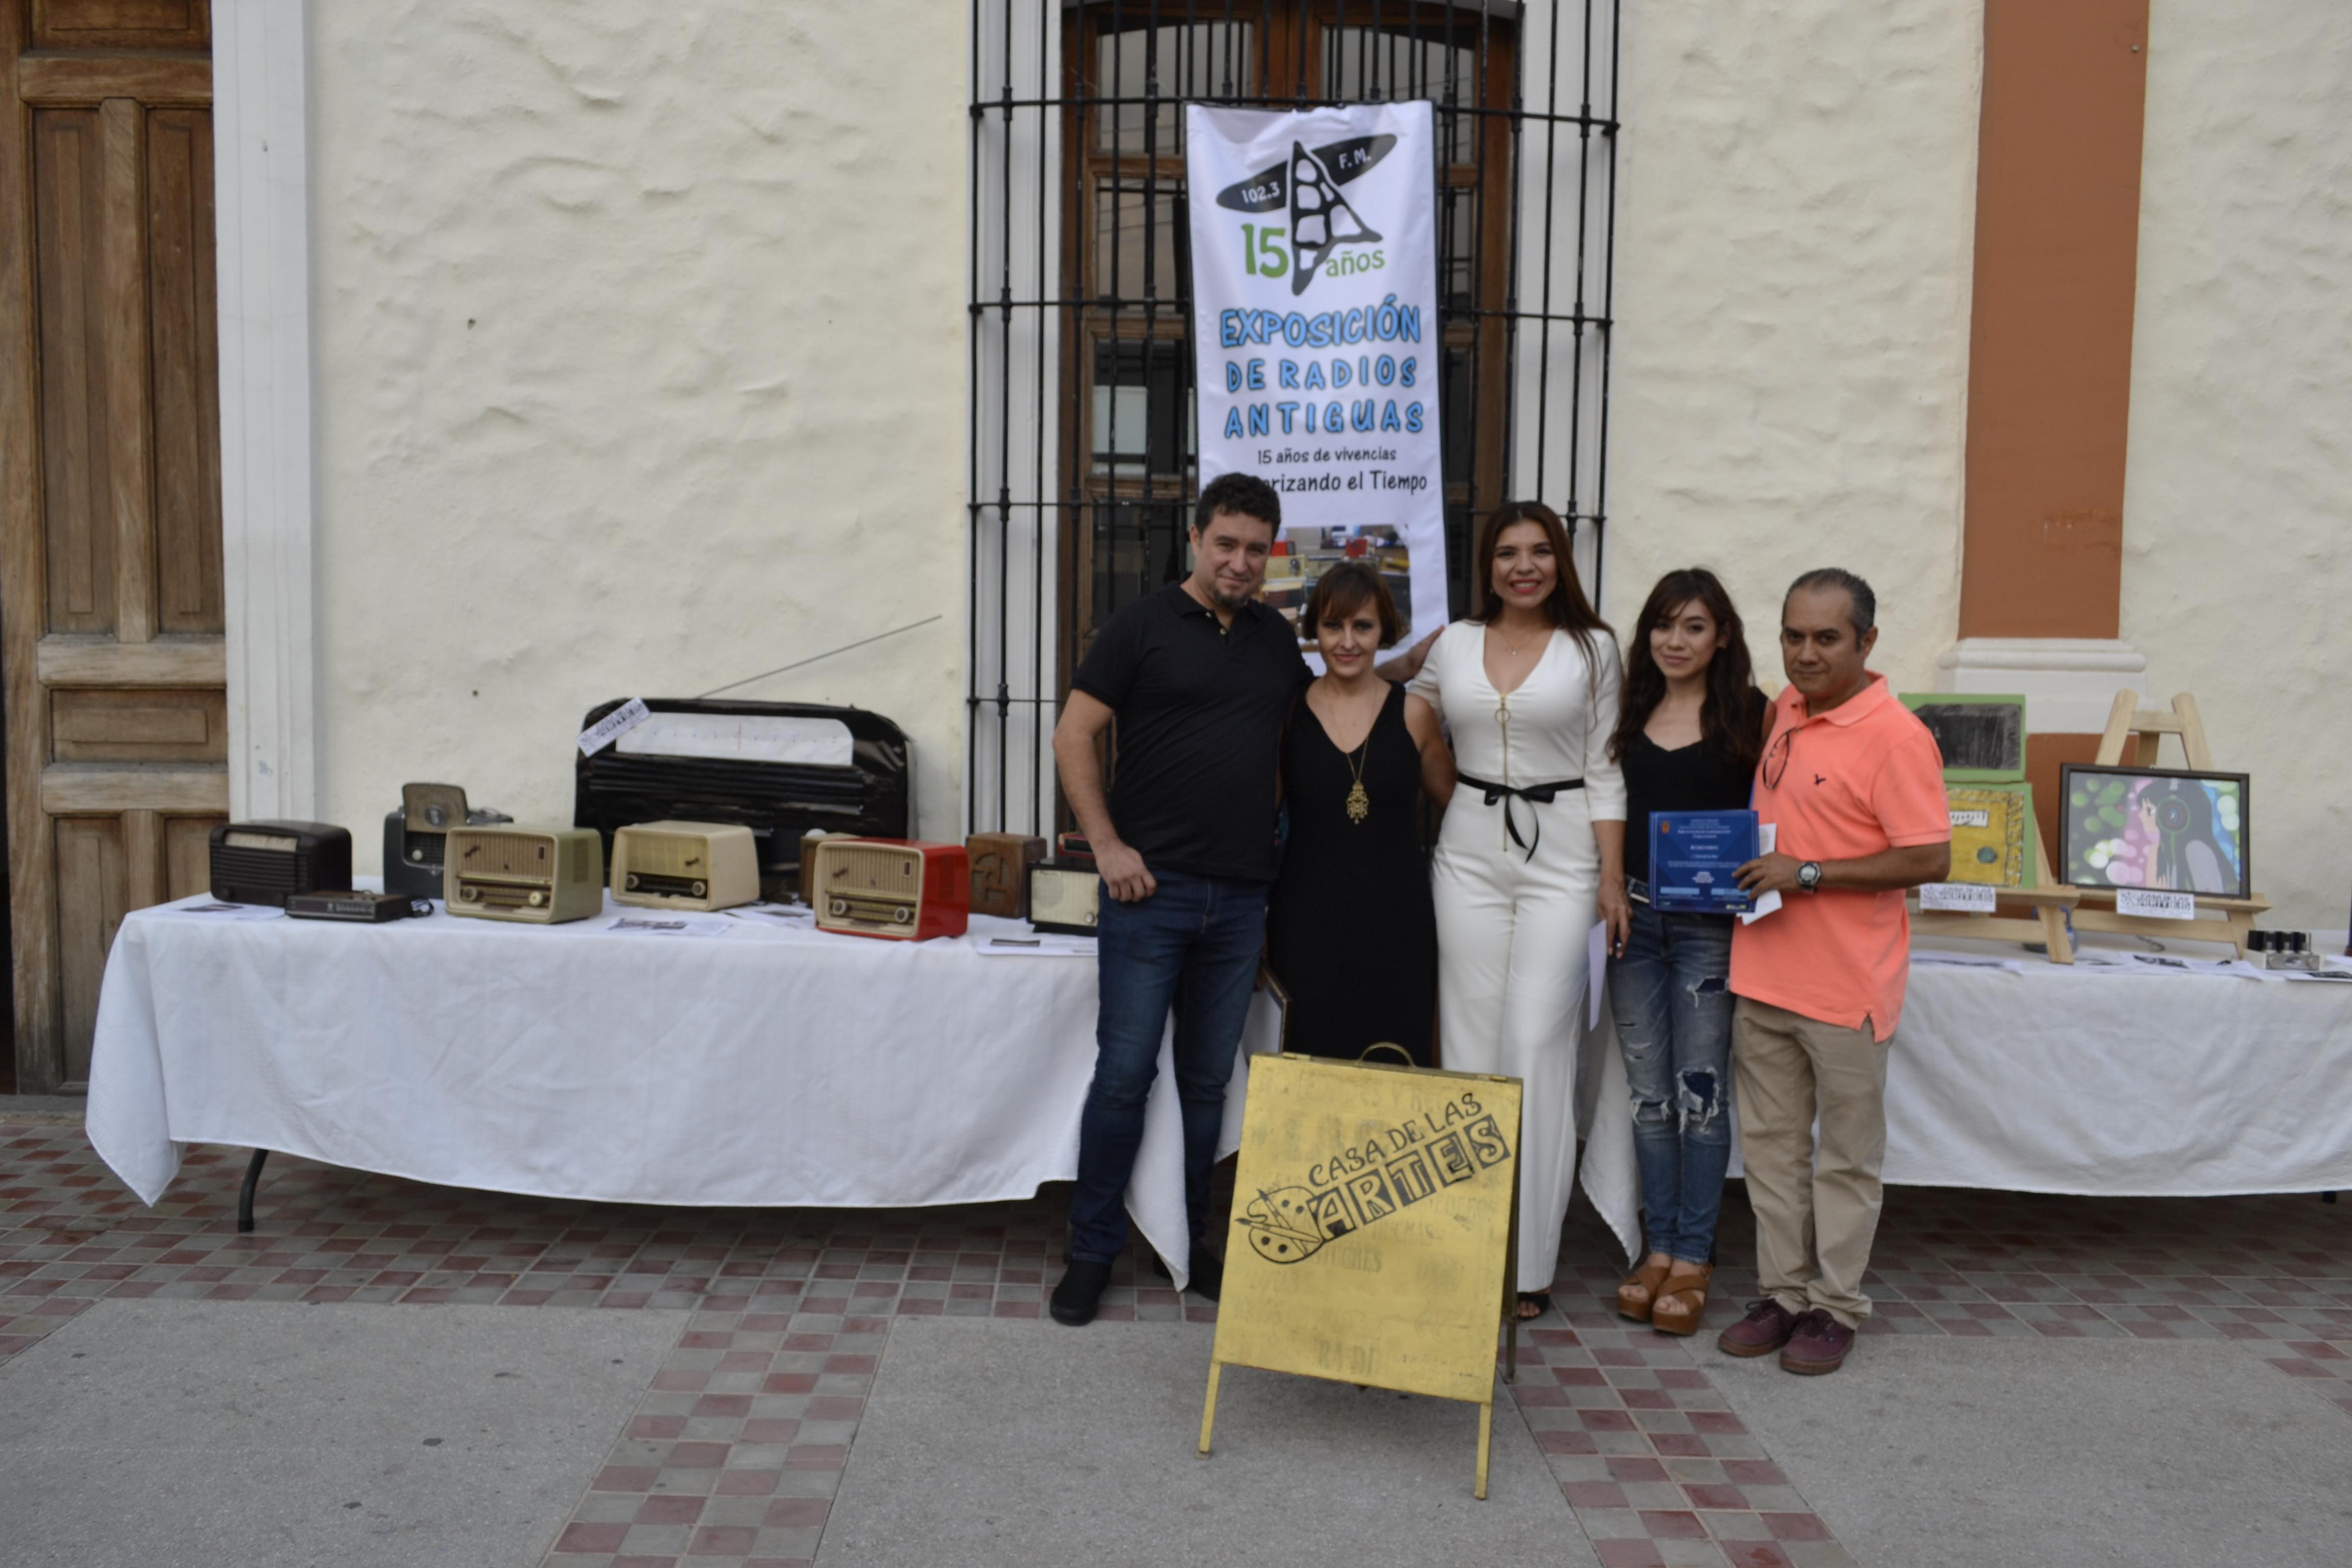 Personas participando en los festejos de de Radio Universidad en Autlán